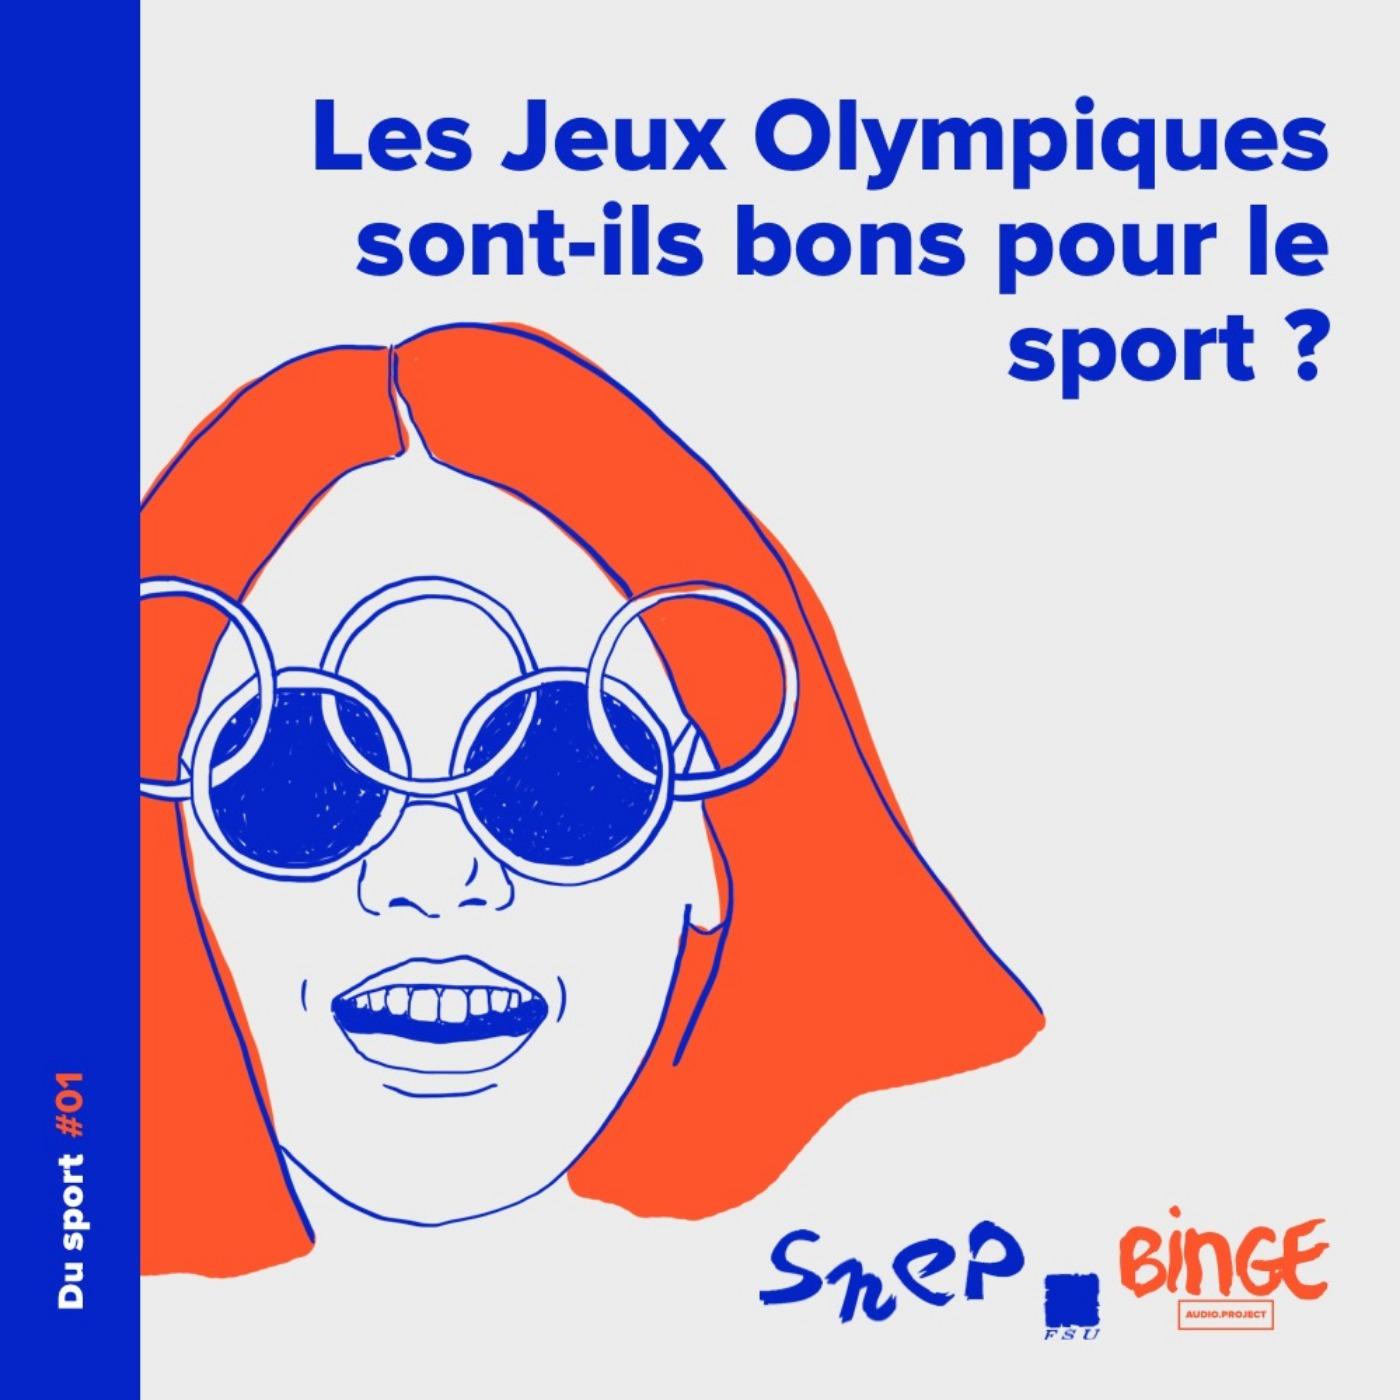 Les Jeux Olympiques sont-ils bons pour le sport ?